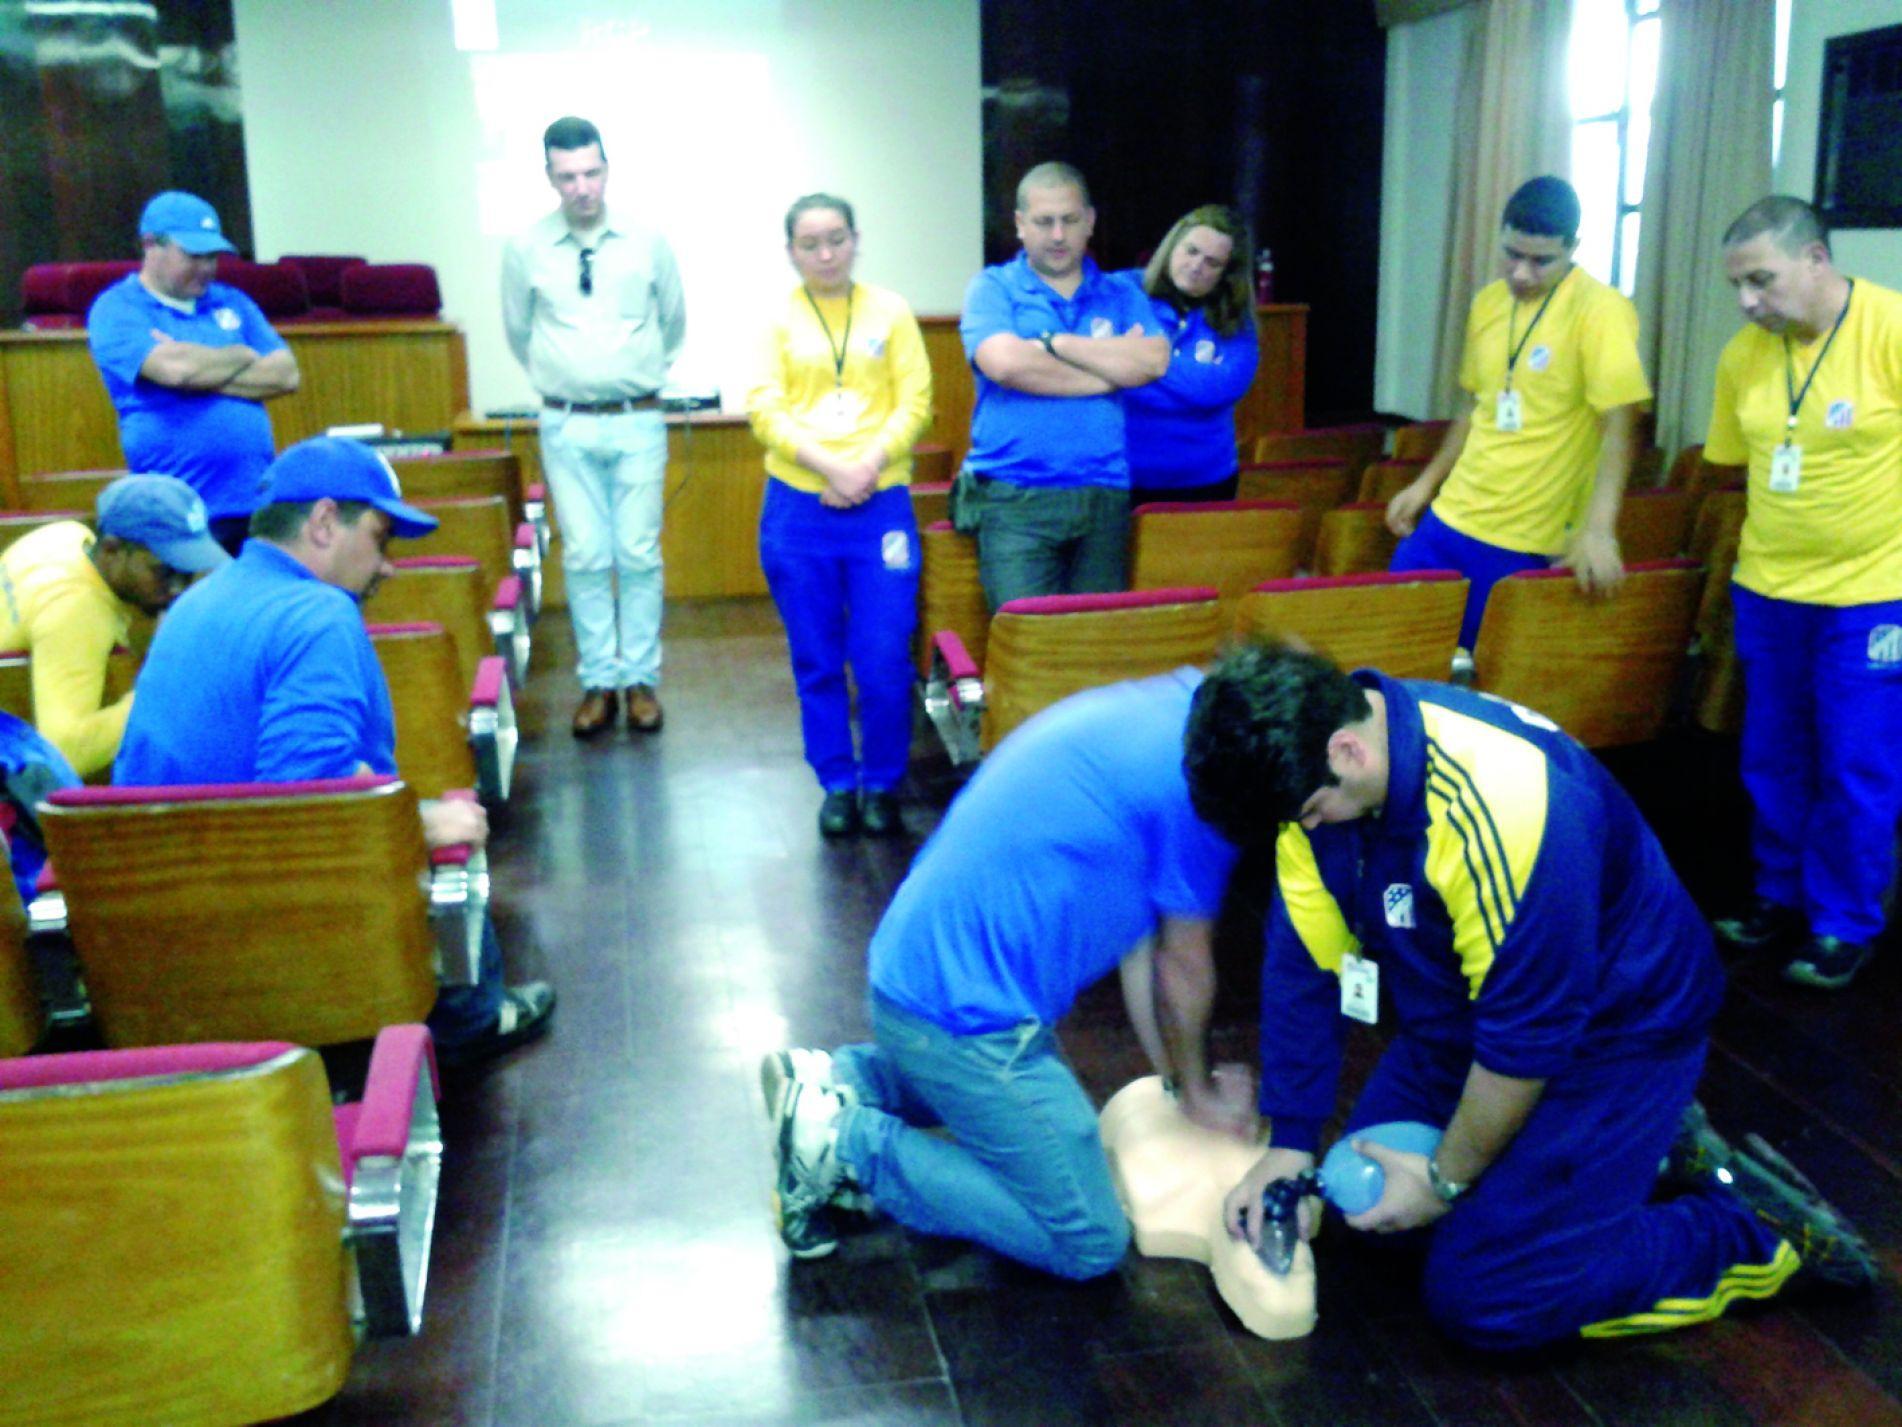 O treinamento em reanimação cardiopulmonar (RCP) ou reanimação cardiorrespiratória (RCR) fizeram parte da preparação dos novos cipeiros. À frente, à direita, o primeiro instrutor da academia a ser membro da CIPA, Fabrício Ribeiro.